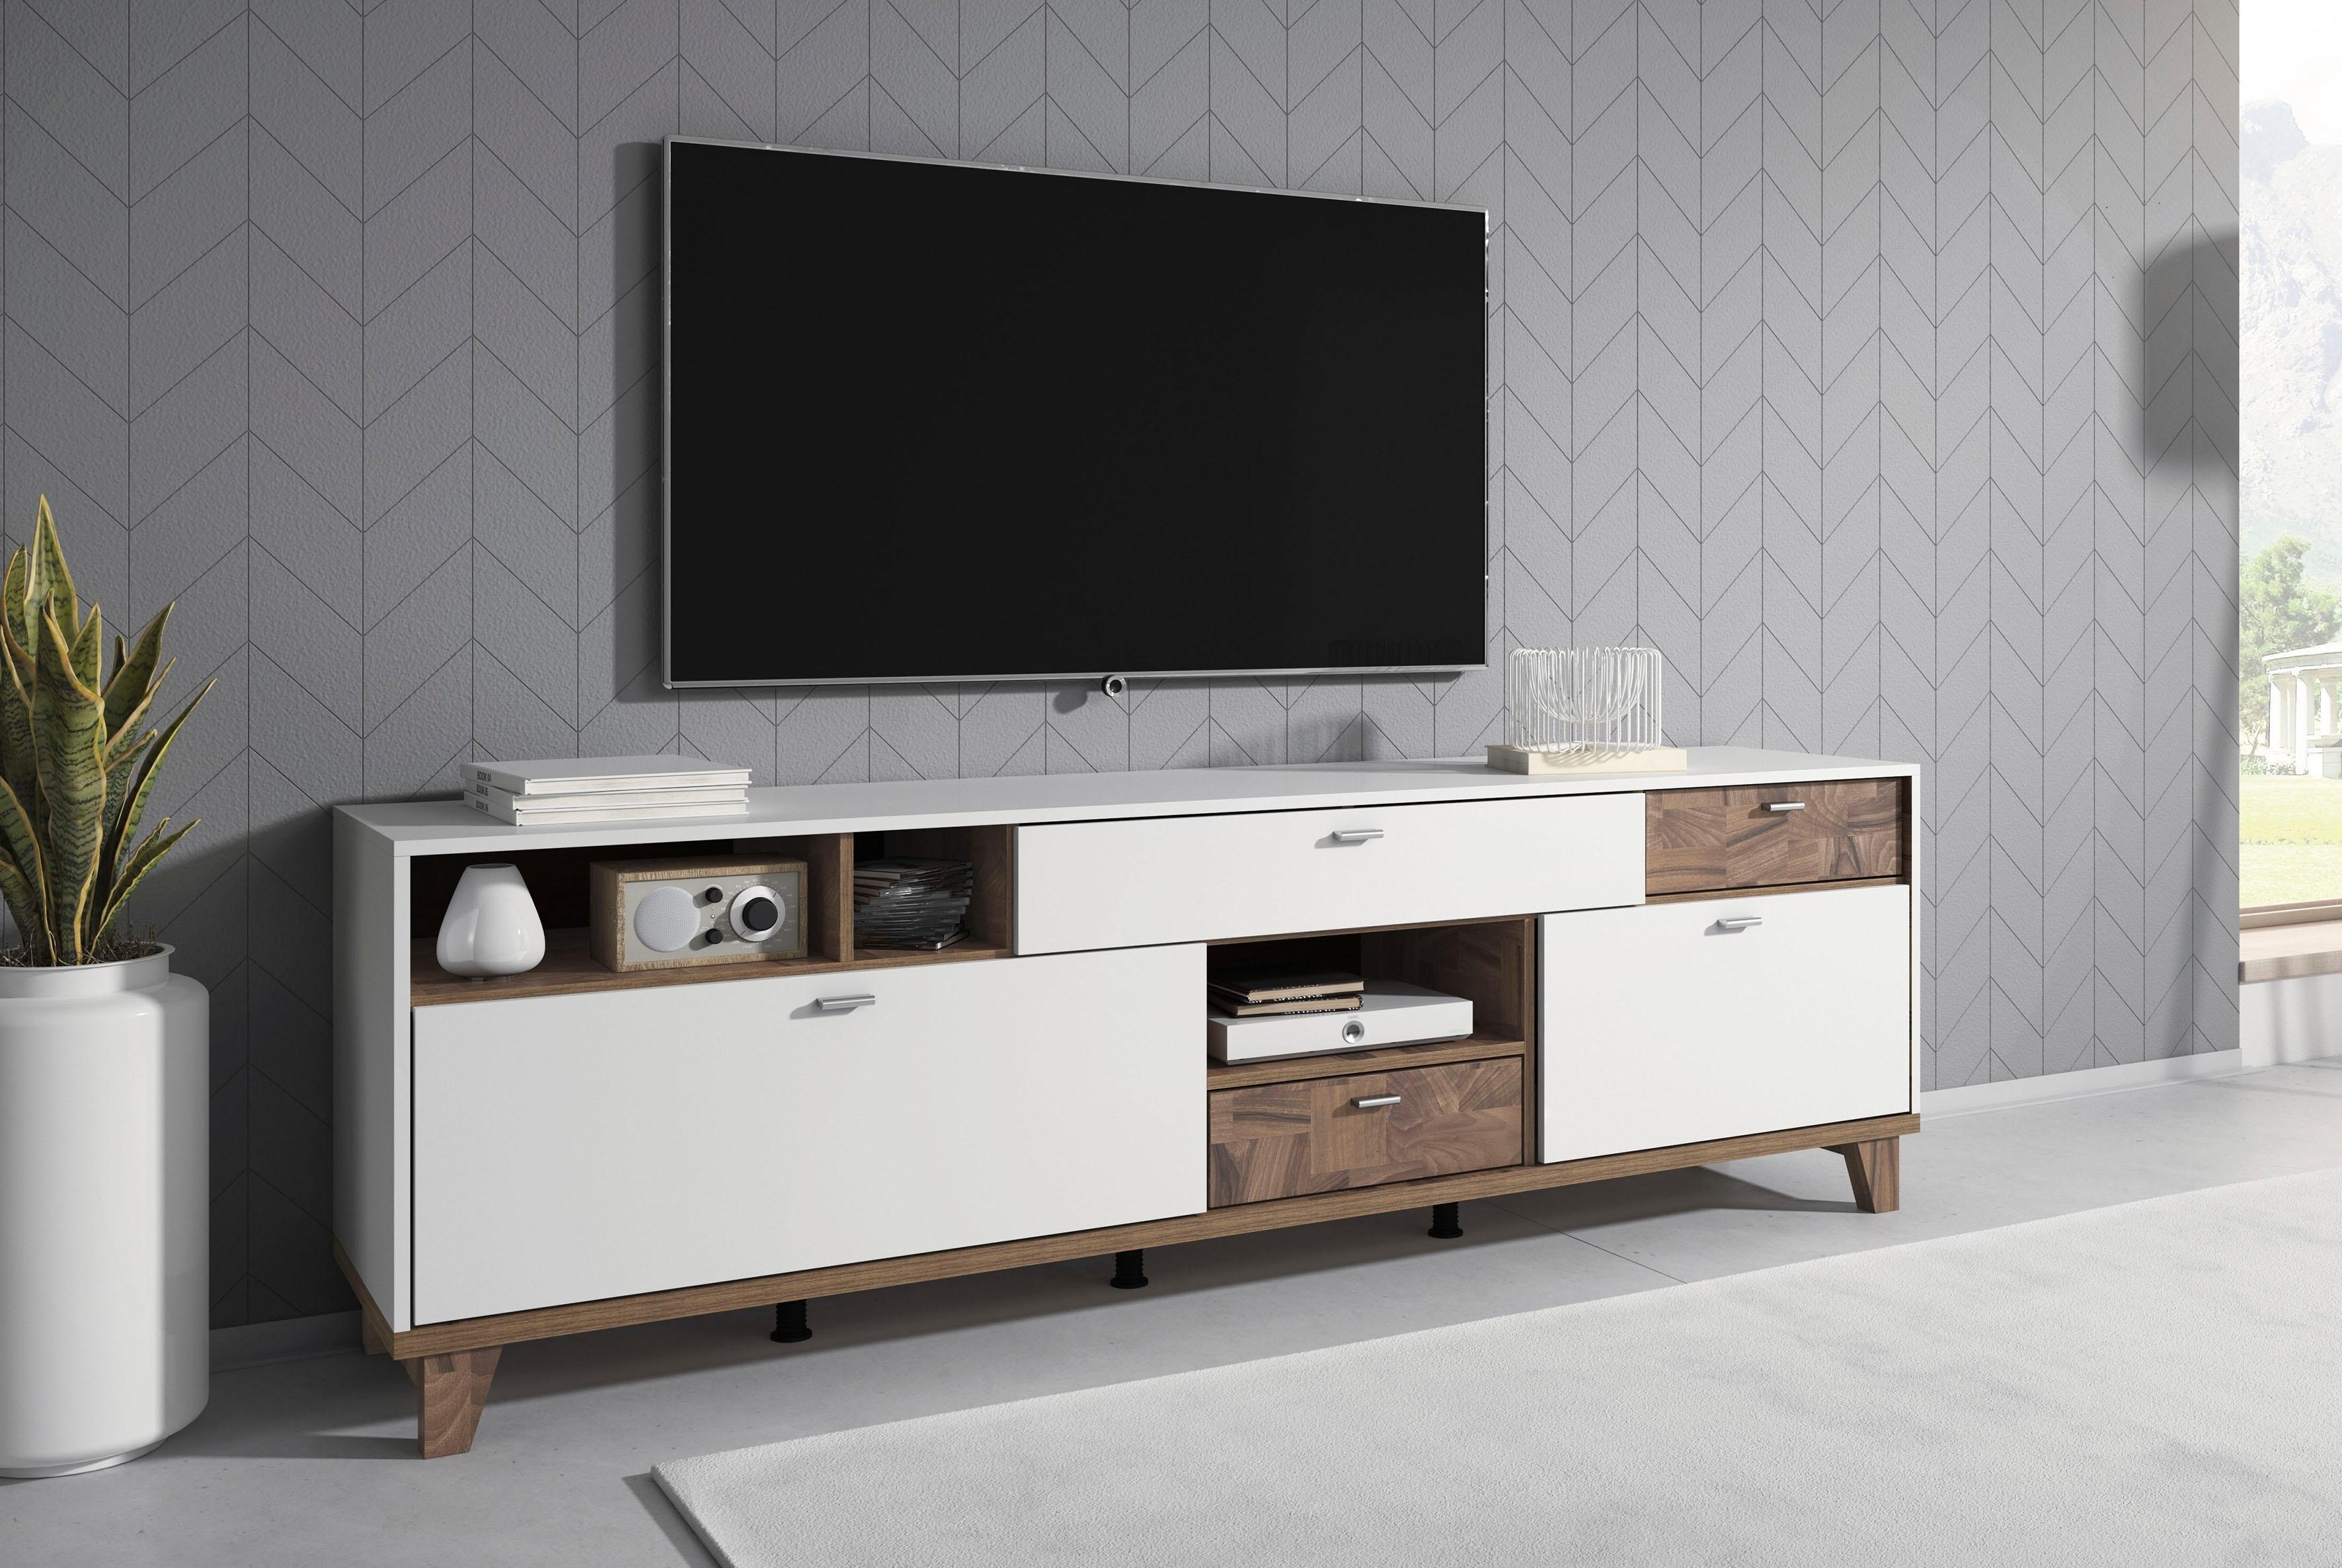 Trendmanufaktur Tv-meubel »Move«, breedte 206 cm bestellen: 14 dagen bedenktijd